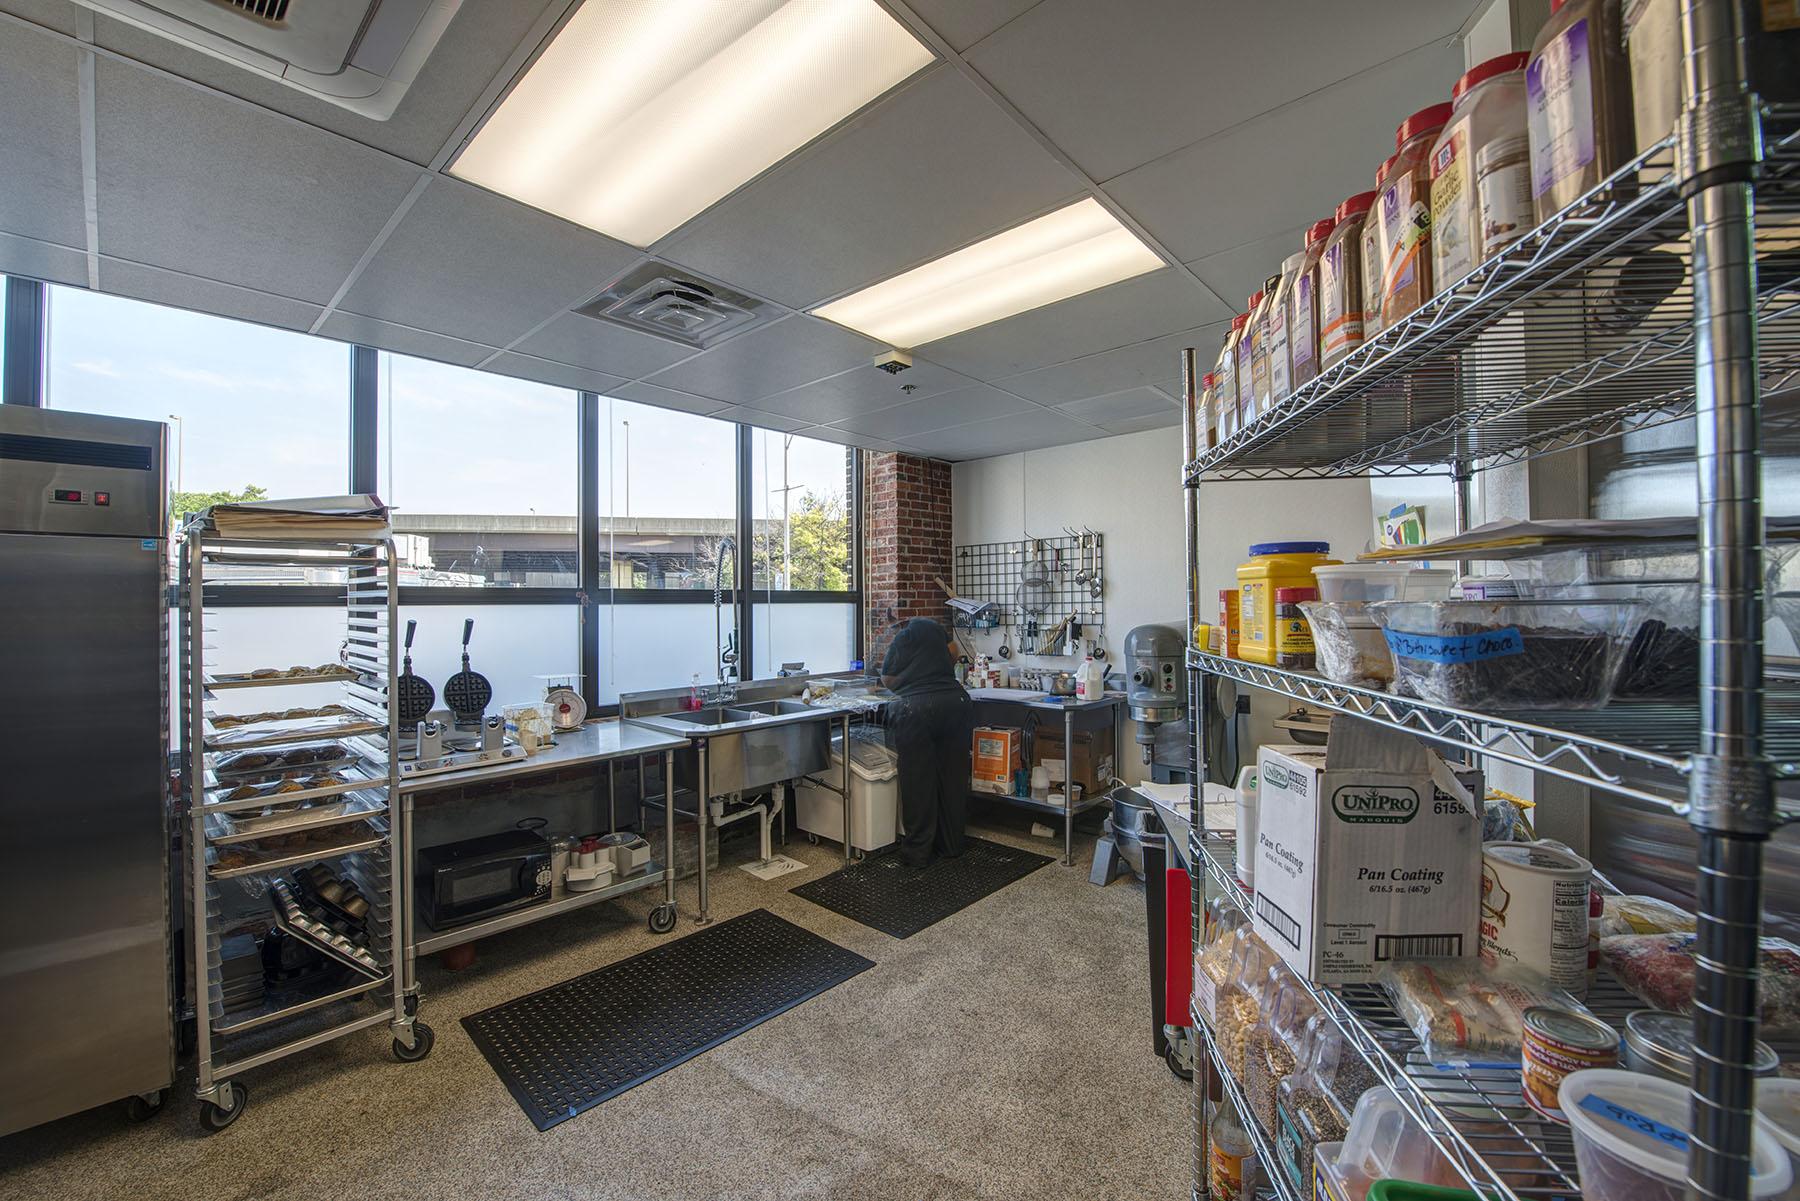 gallery-2162-kitchen2.jpg